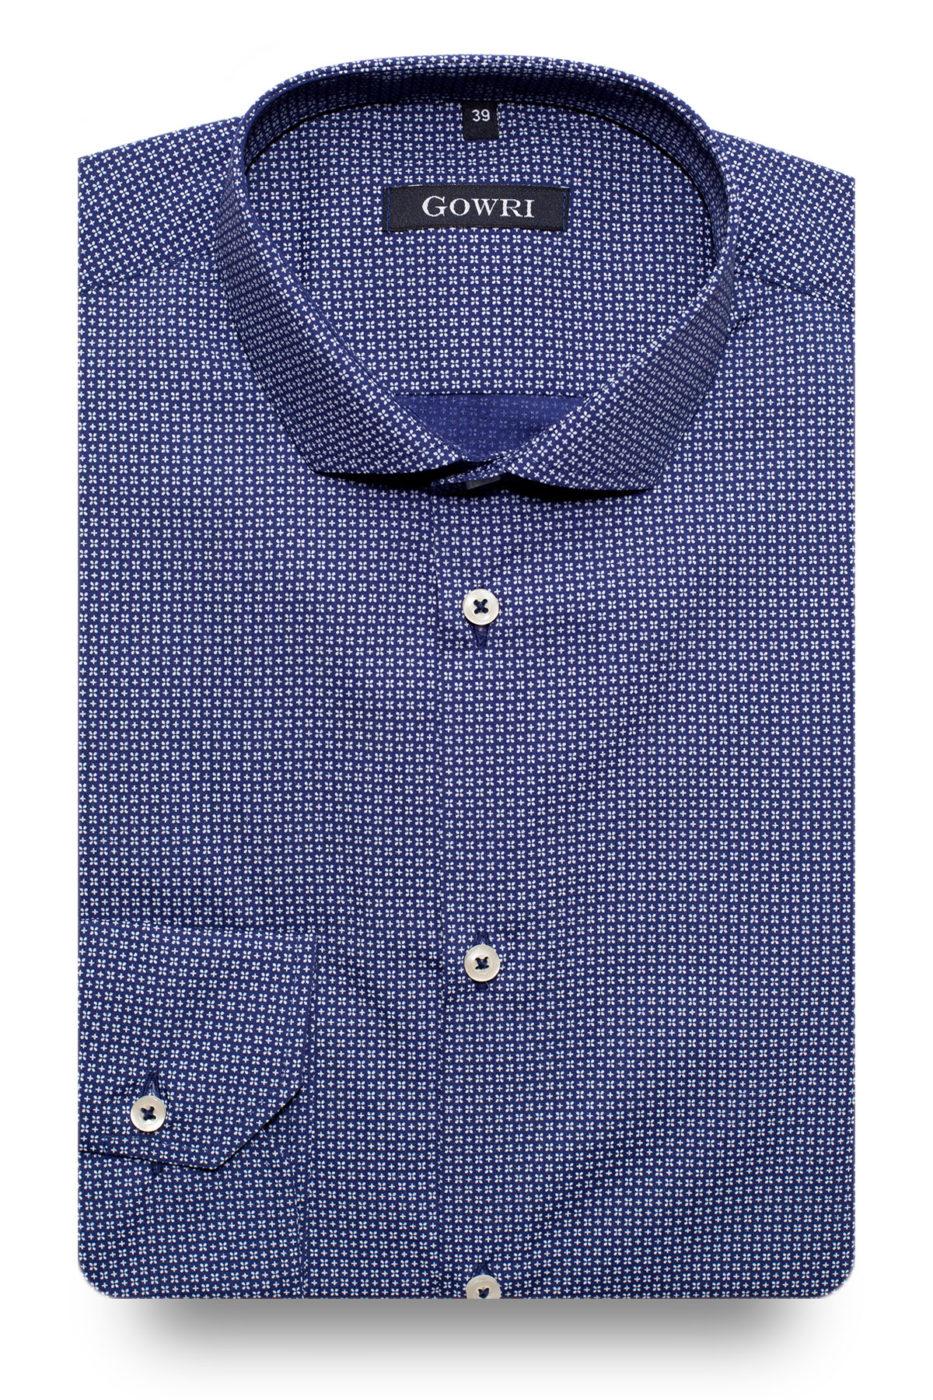 Camden Blue Patterned Shirt